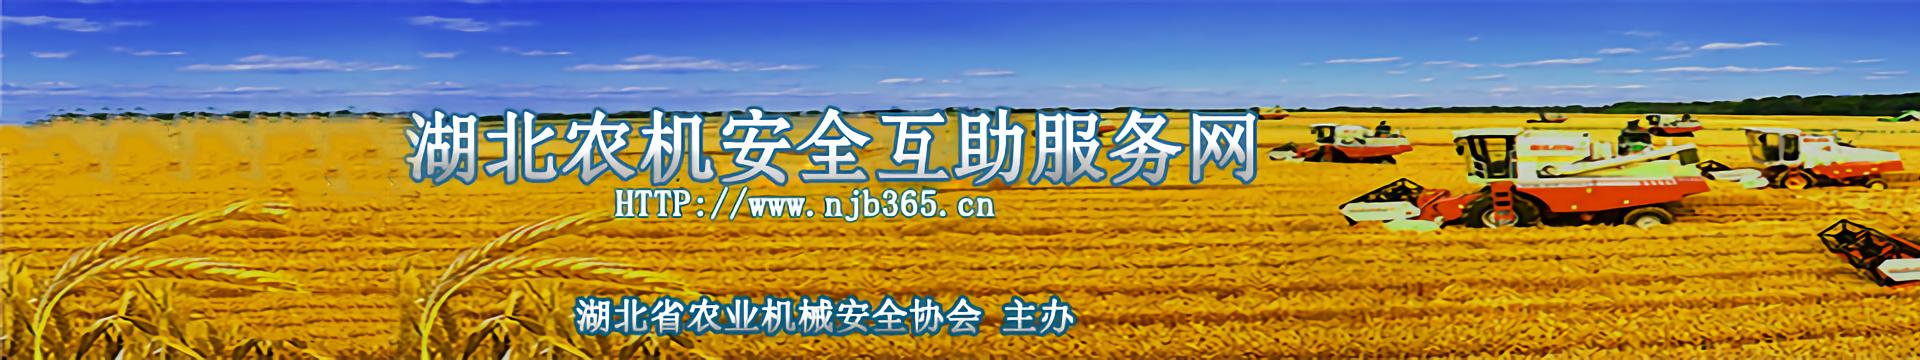 四部门联合印发《关于加快农业保险高质量发展的指导意见》